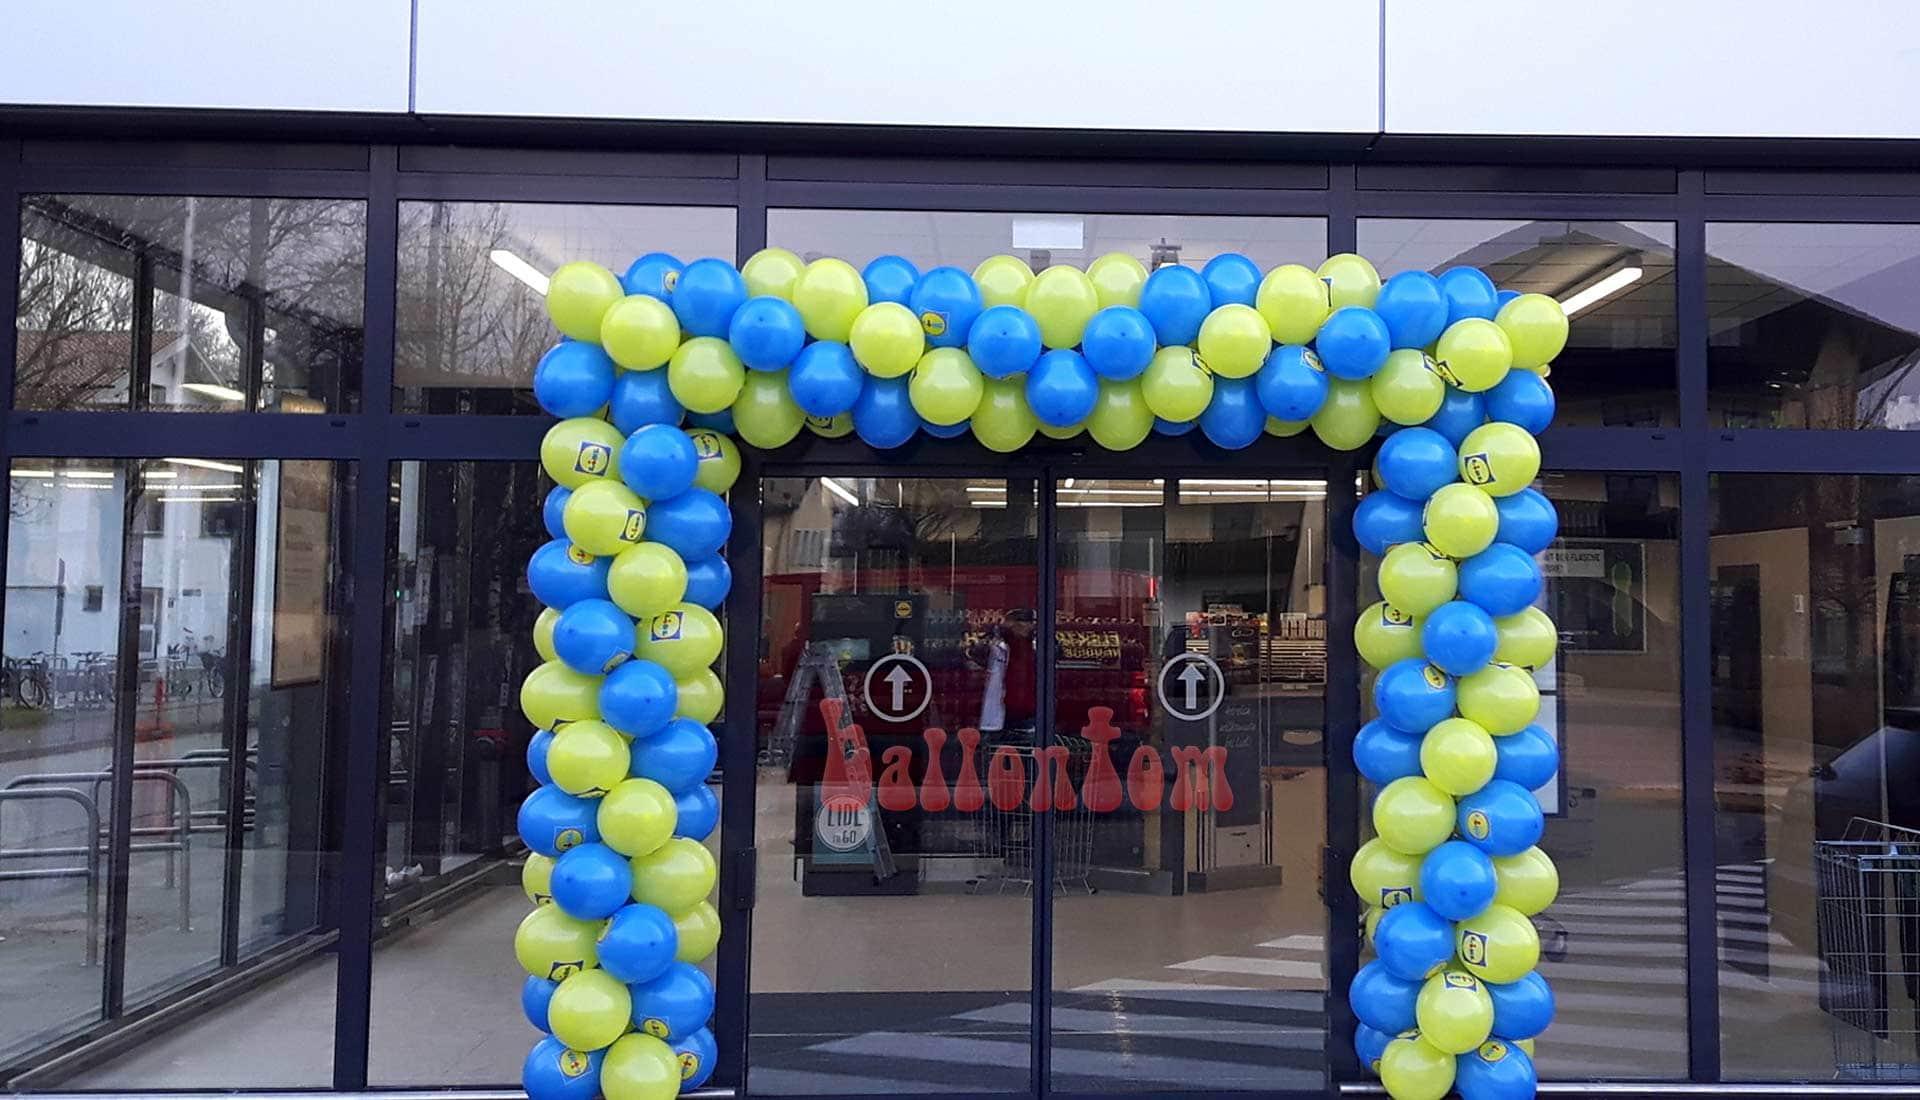 Ballontor für Lidl in Prien am Chiemsee